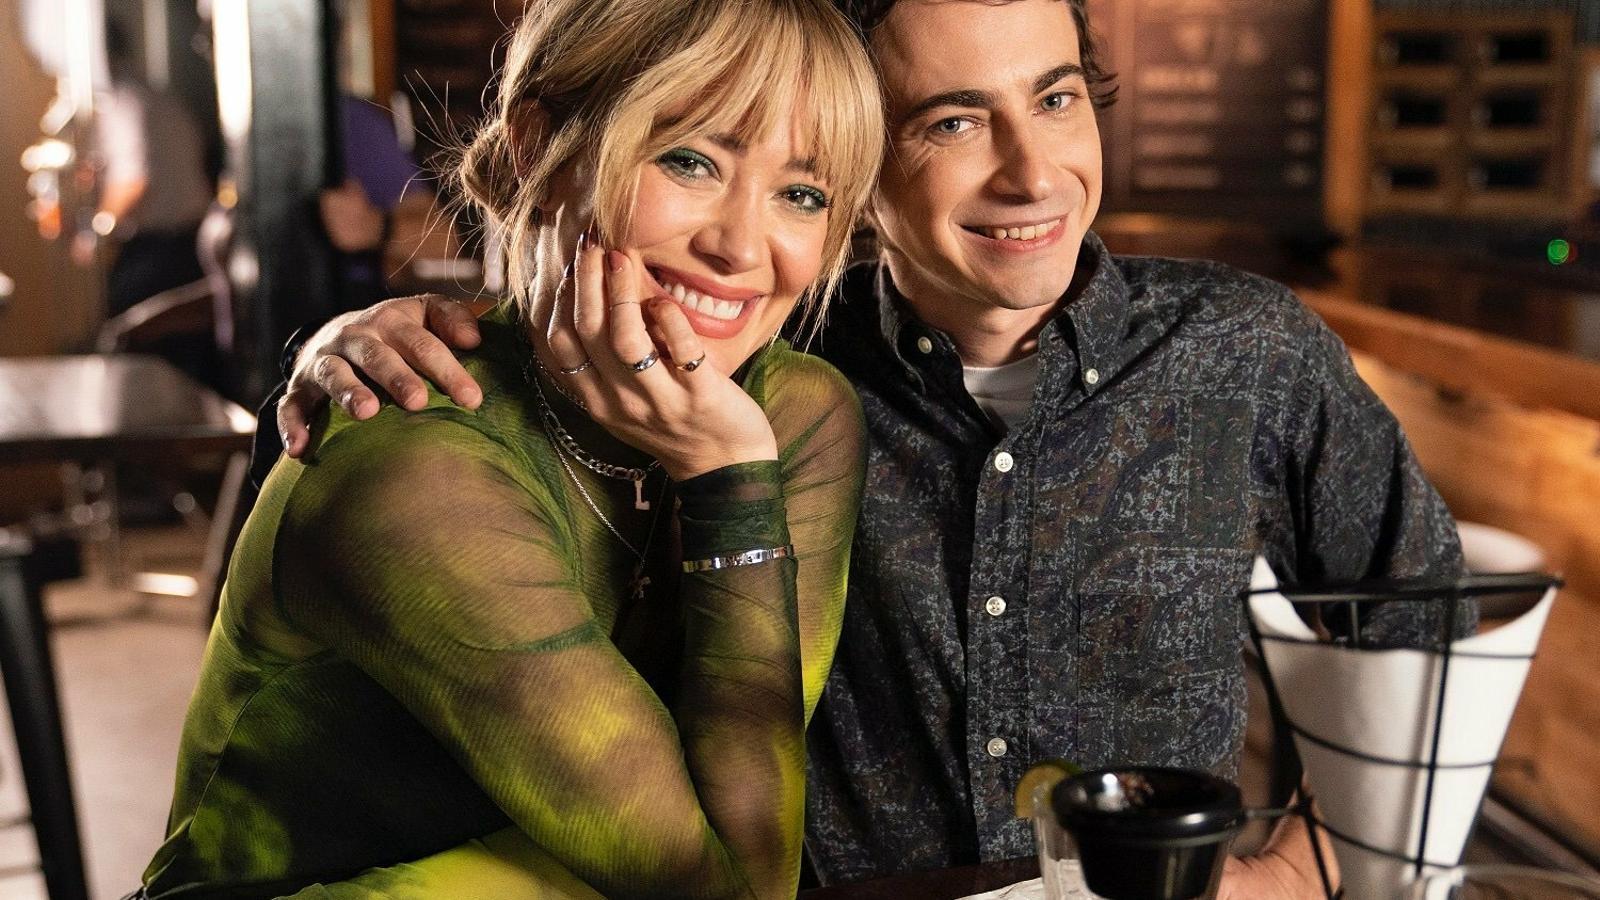 Hilary Duff i Adam Lamberg ja havien fitxat pel 'reboot' de 'Lizzie McGuire'